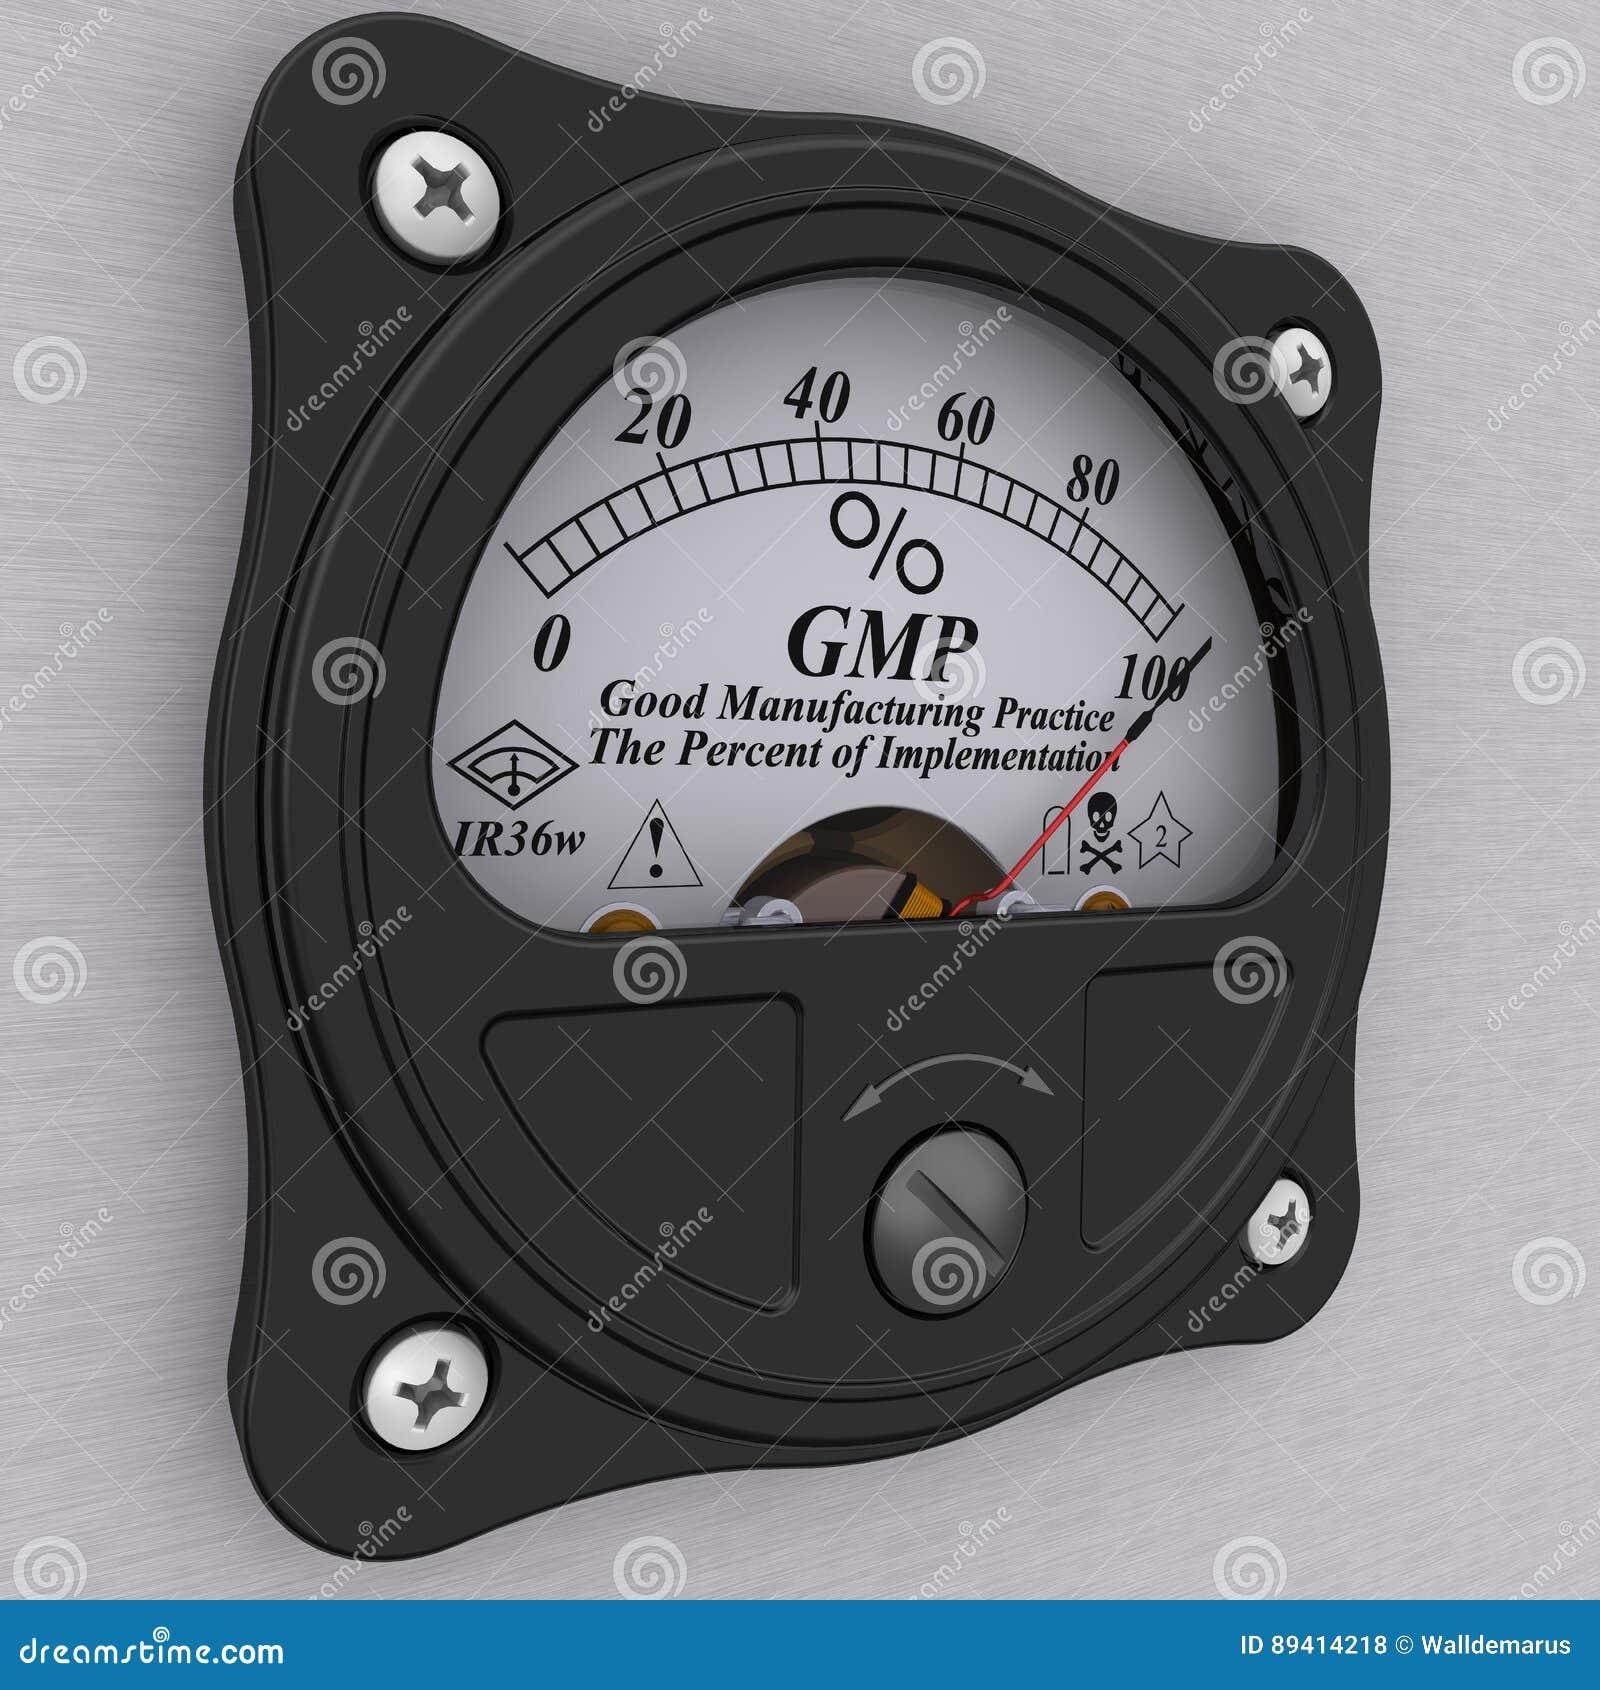 GMP Indicateur de bonne pratique en matière de fabrication Les pour cent de l exécution